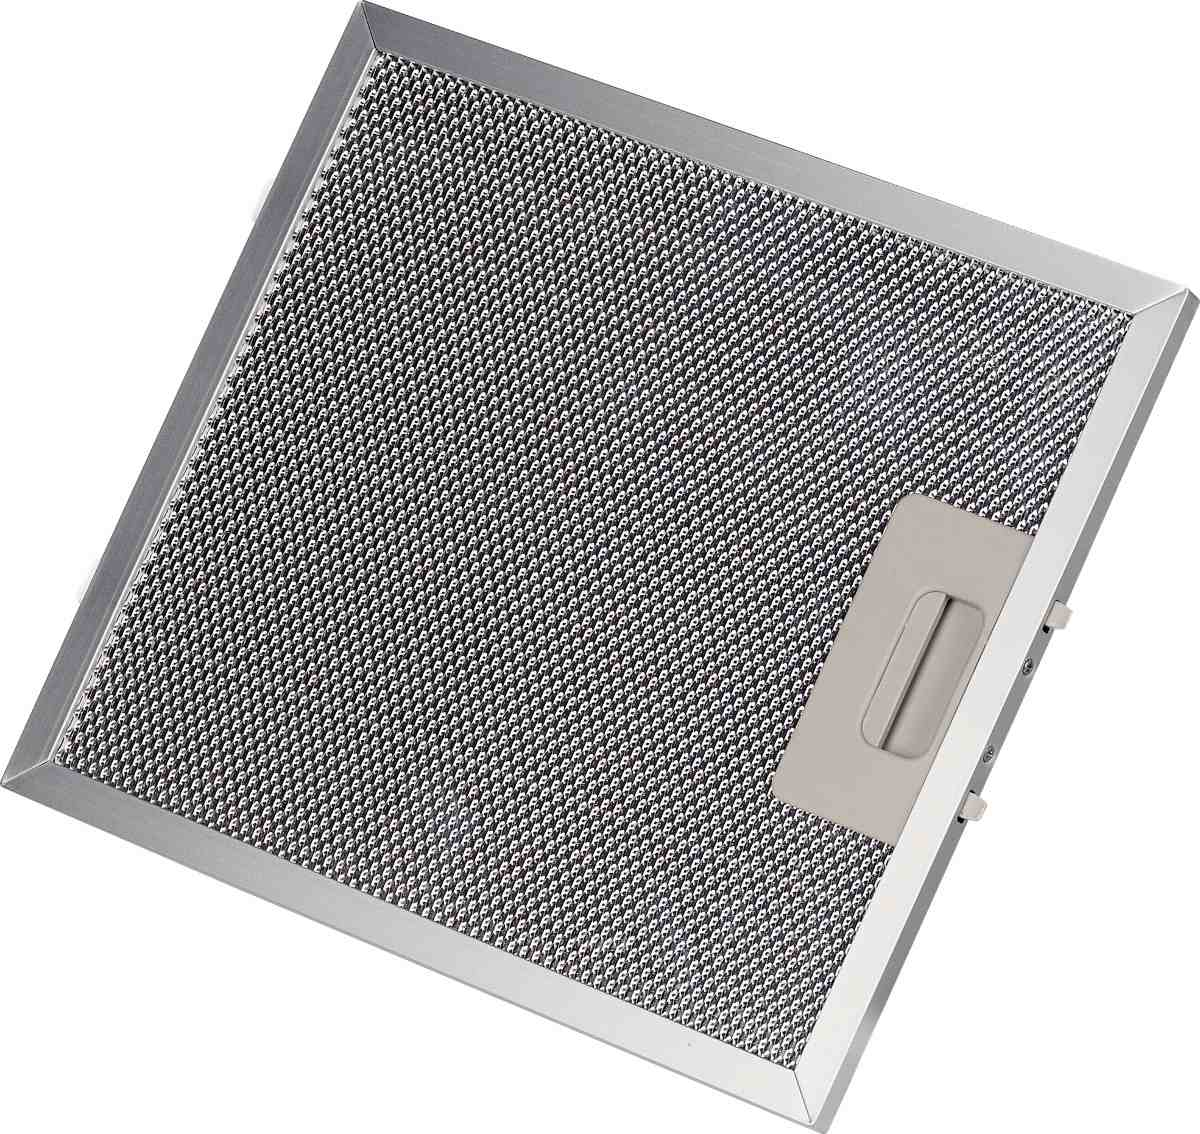 Filtro Alumínio Coifa Suggar Jade Ilha 35x30 cm